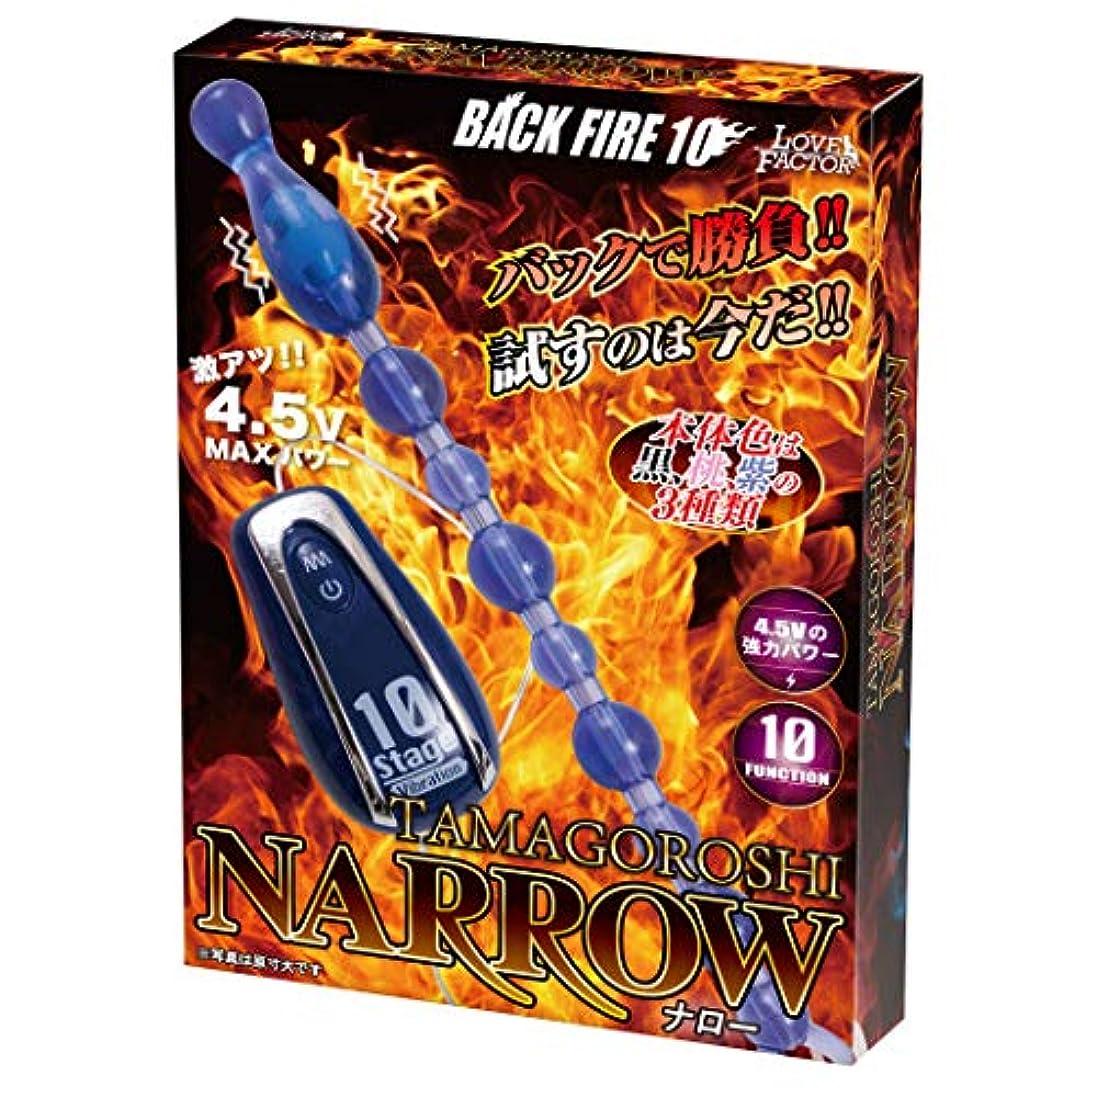 リマーク正午マイコンBACK FIRE TAMAGOROSHI NARROW (ナロー) 紫 アナル拡張 アナル開発 プラグ SM調教 携帯式 野外プレー 男女兼用